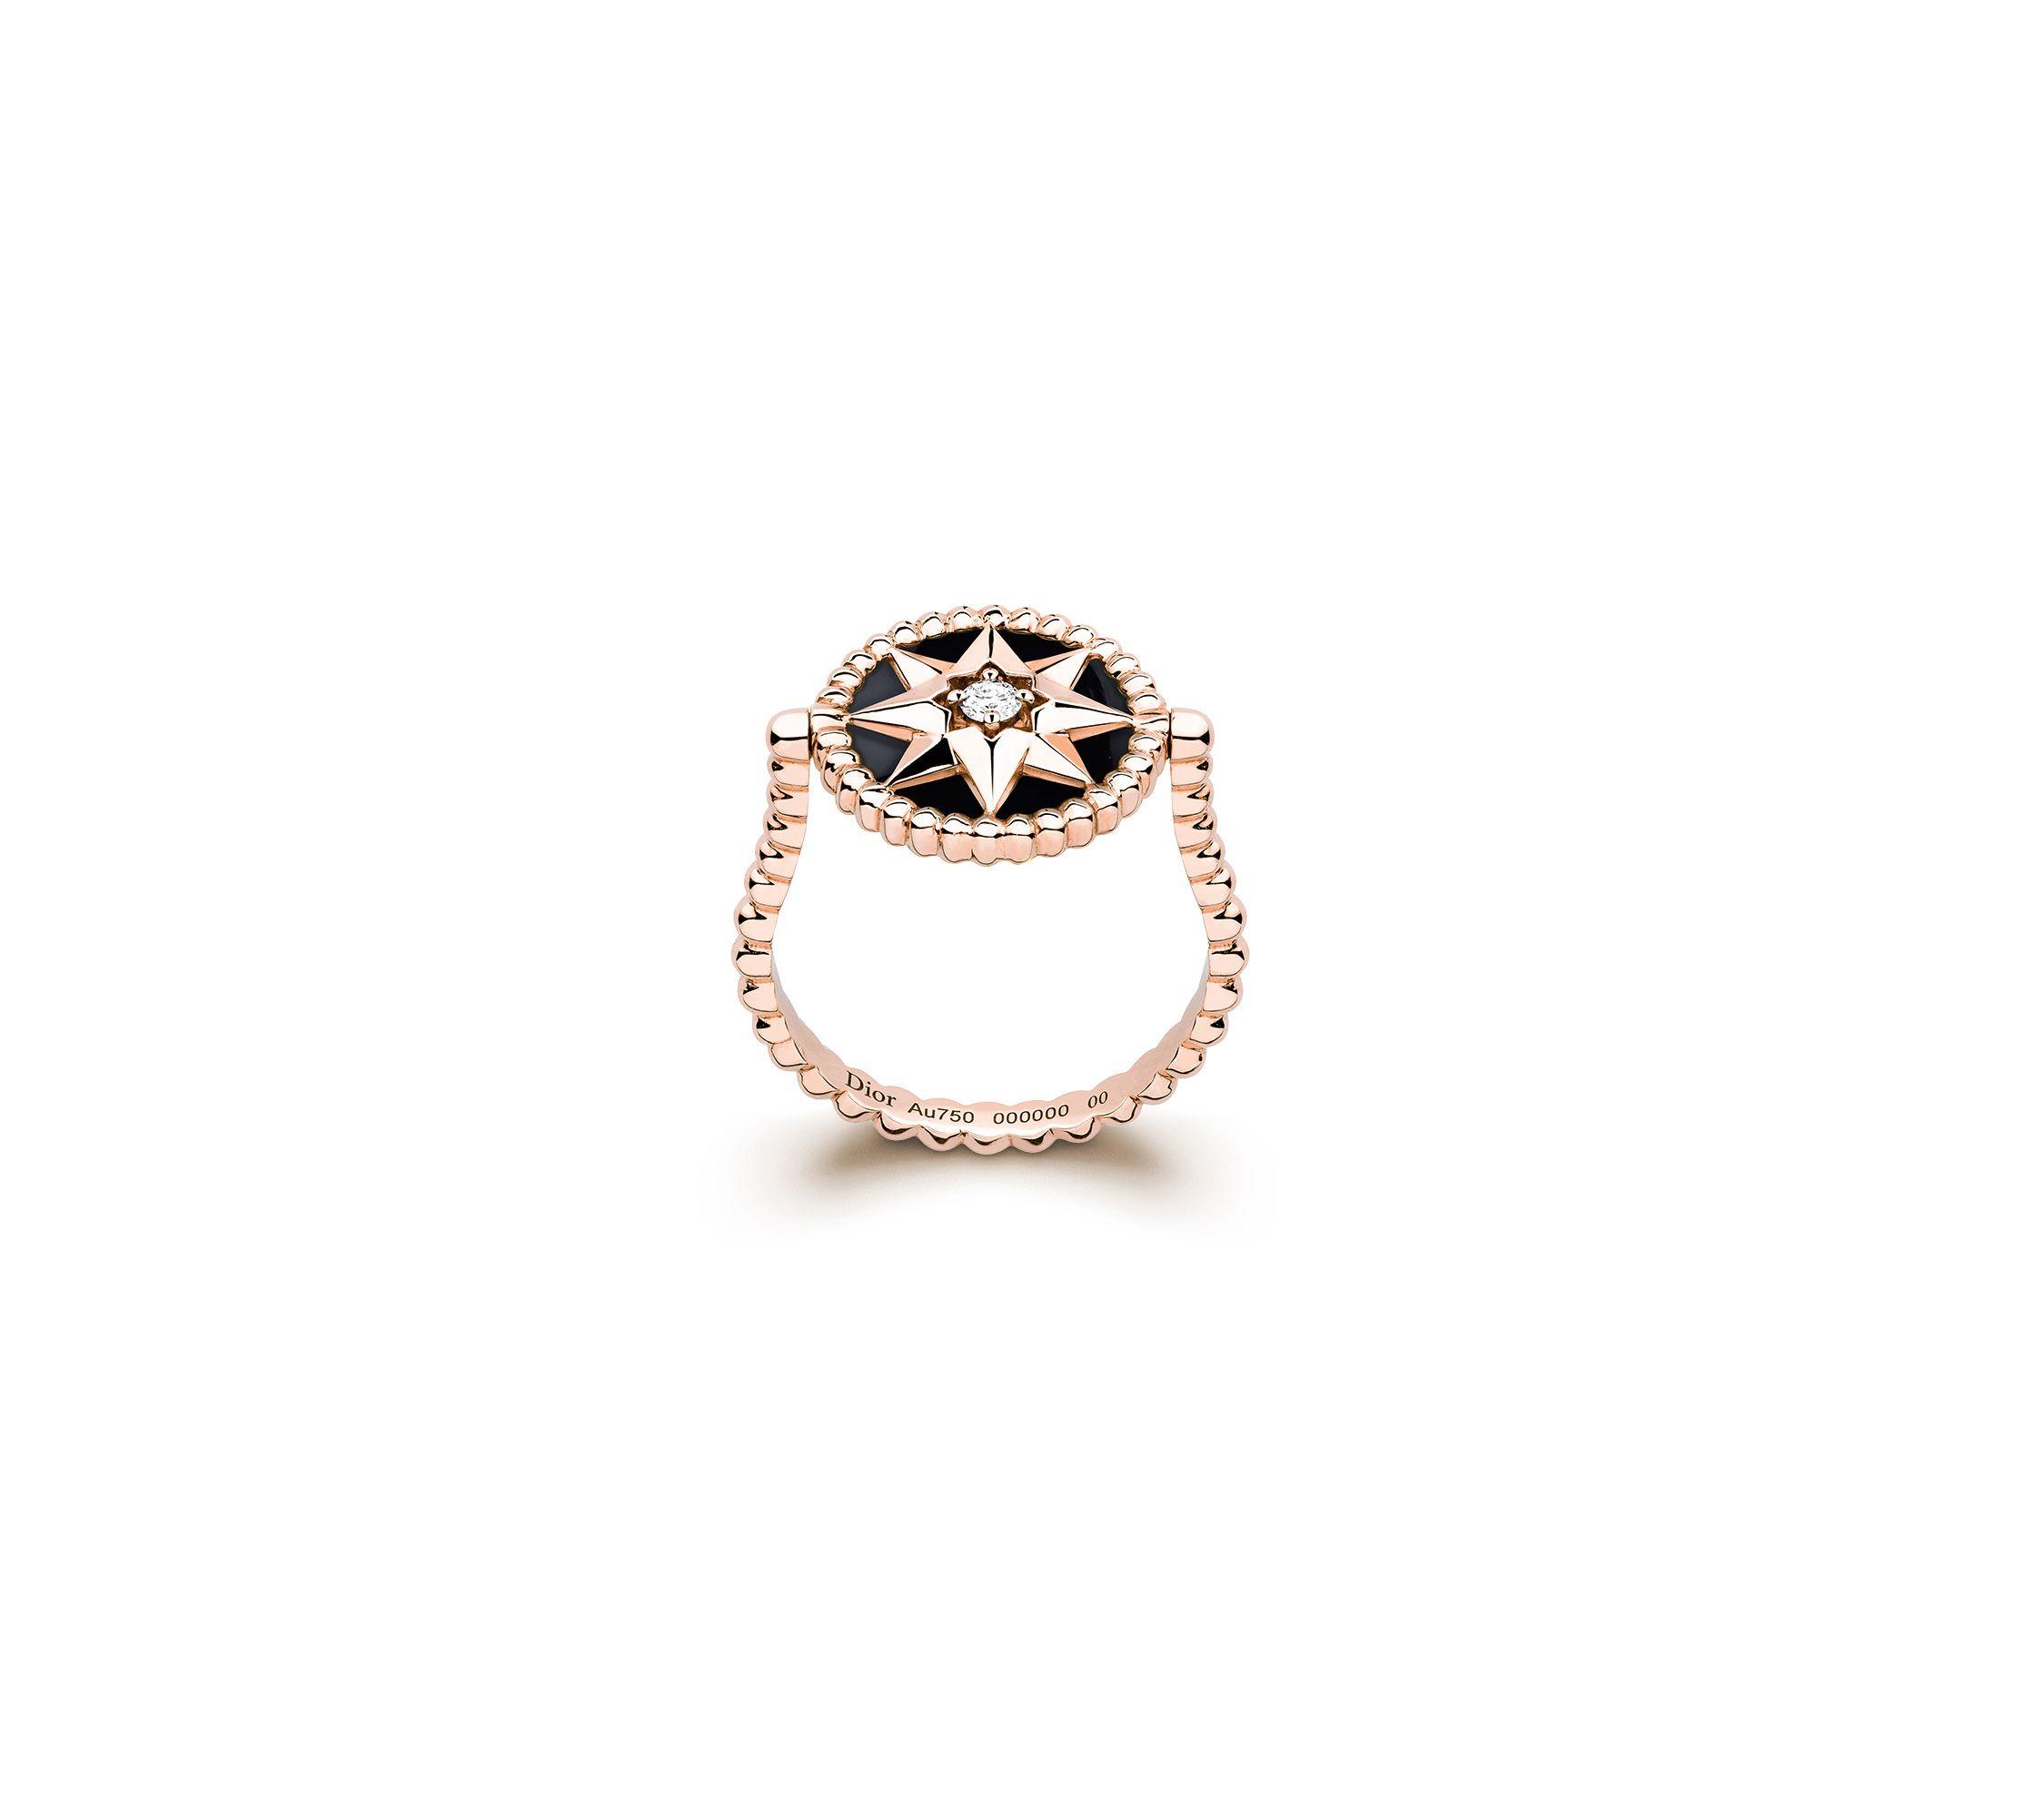 bague rose des vents or rose 750 1000e diamant et onyx dior wishlist pinterest rose. Black Bedroom Furniture Sets. Home Design Ideas